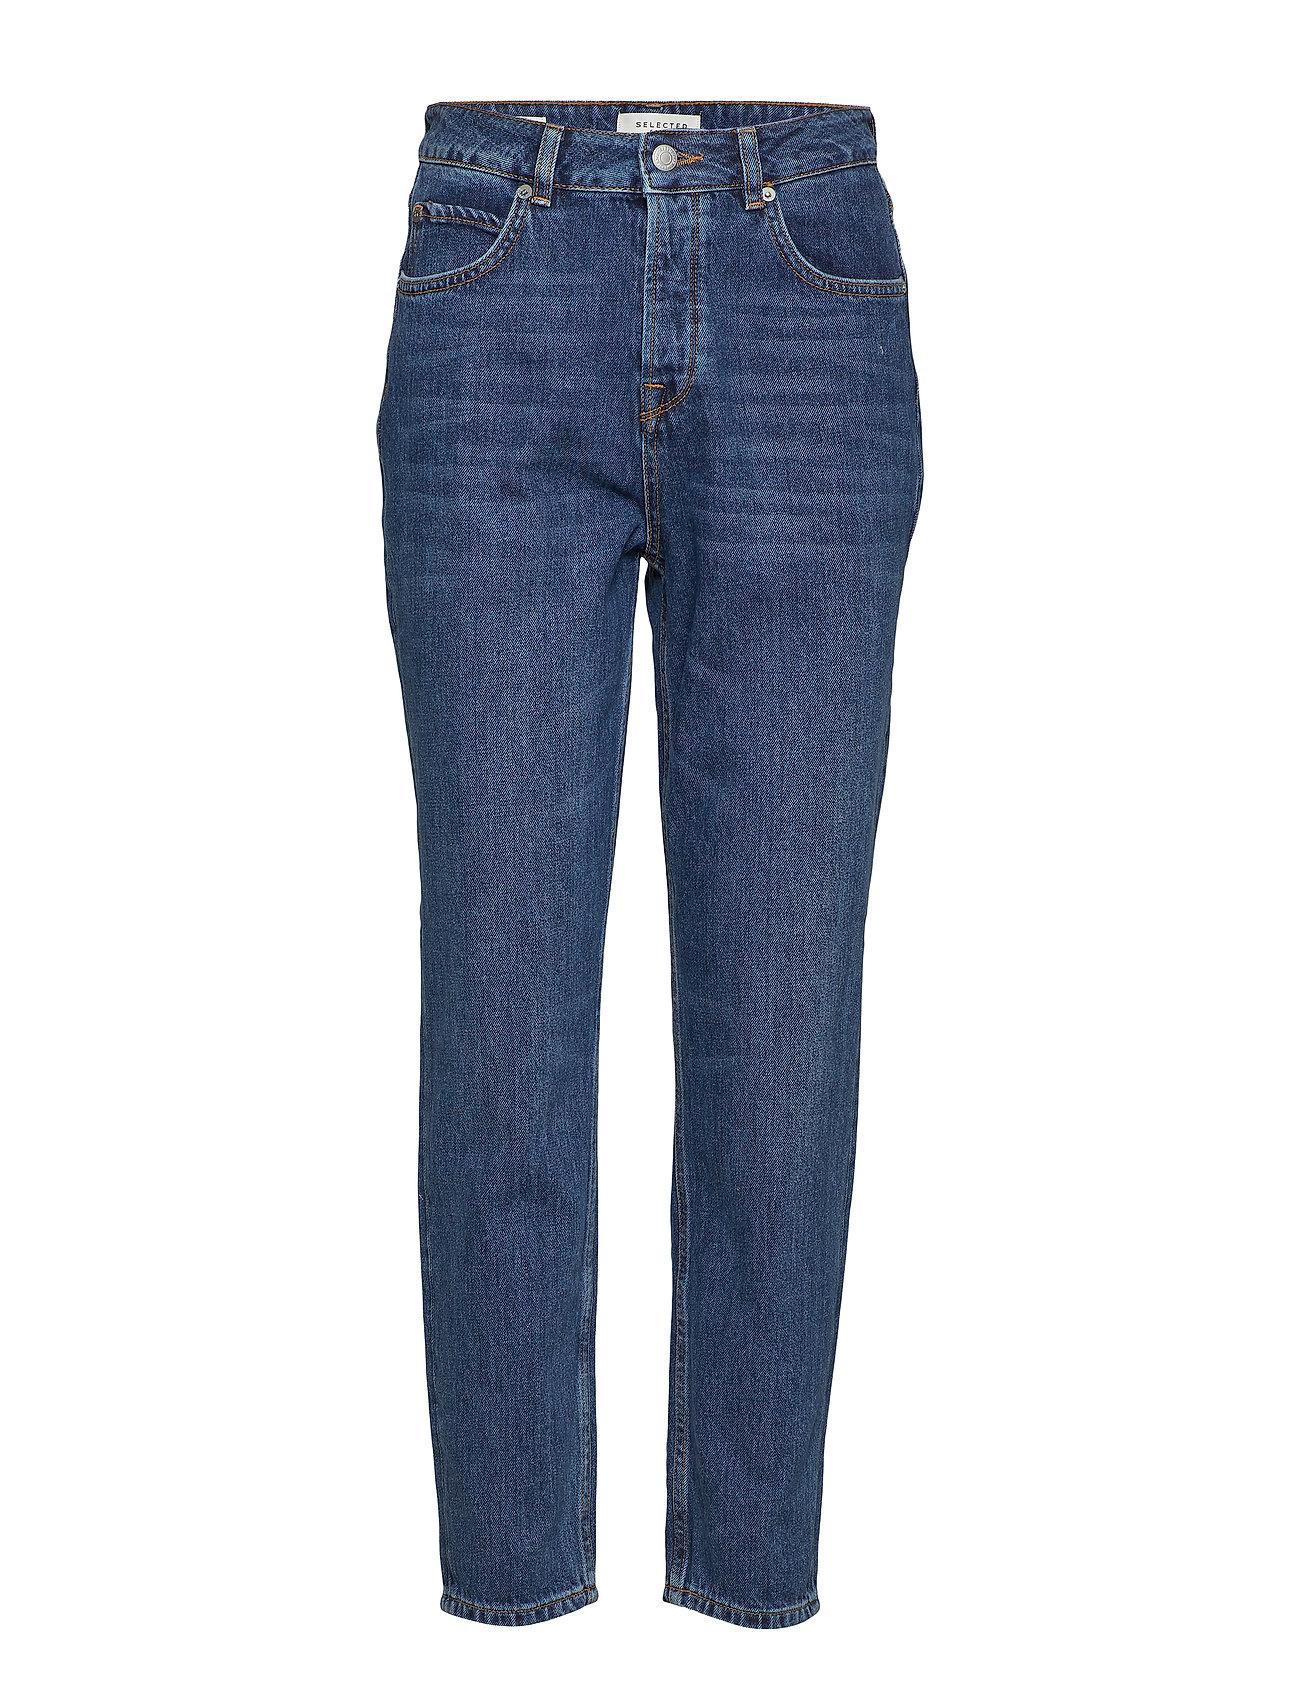 Selected Femme SLFFRIDA HW MOM INKY blå JEANS W Jeans